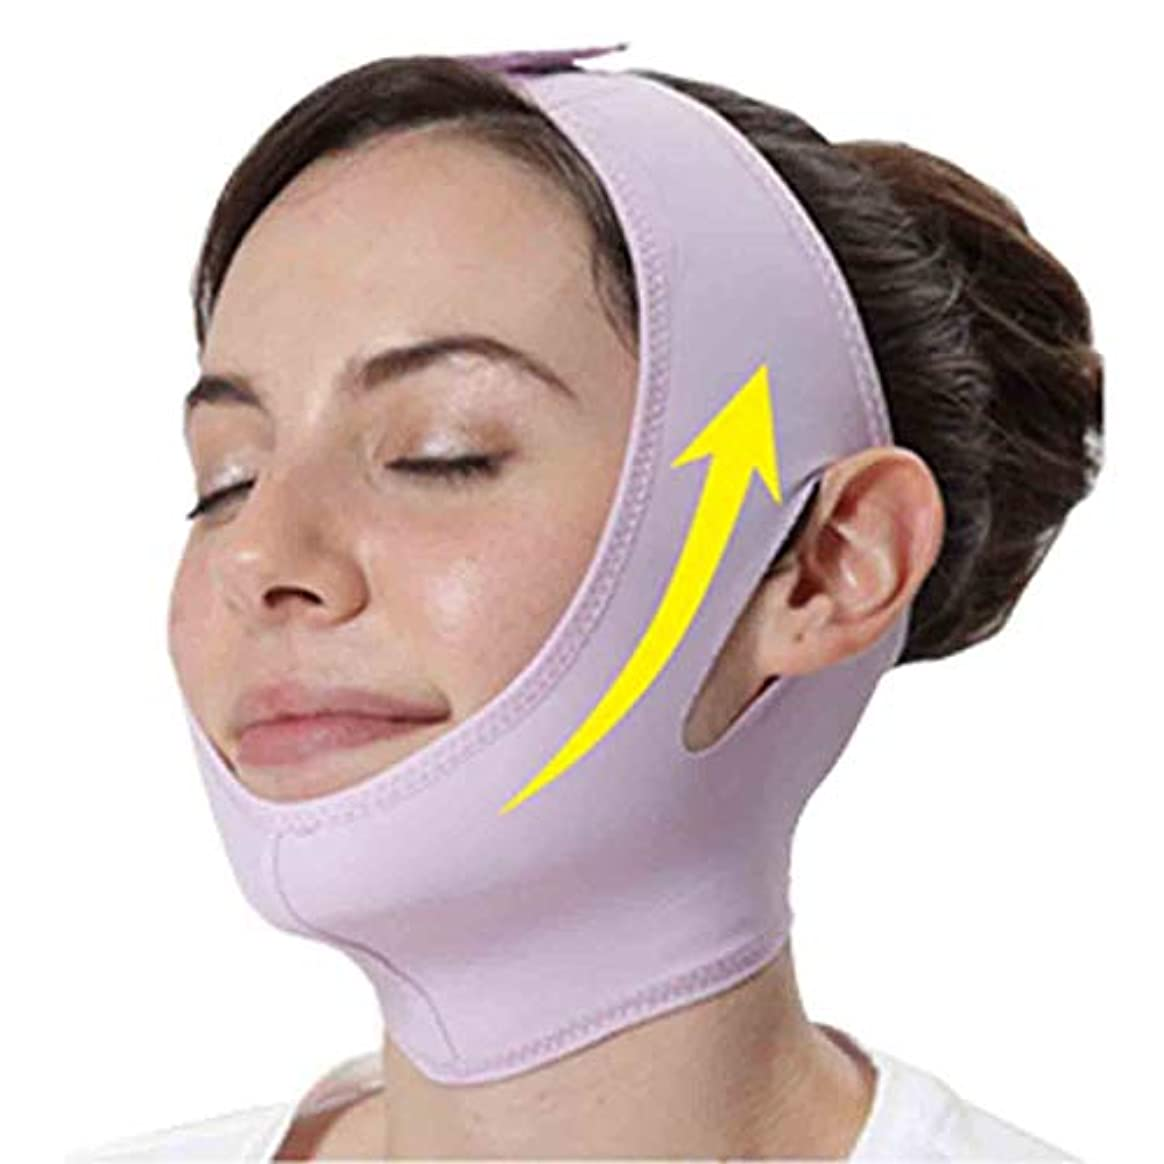 くるくるそばに吸収するAlleygem_GJ 小顔 矯正 マスク リフトアップ メンズ レディース FceMsk